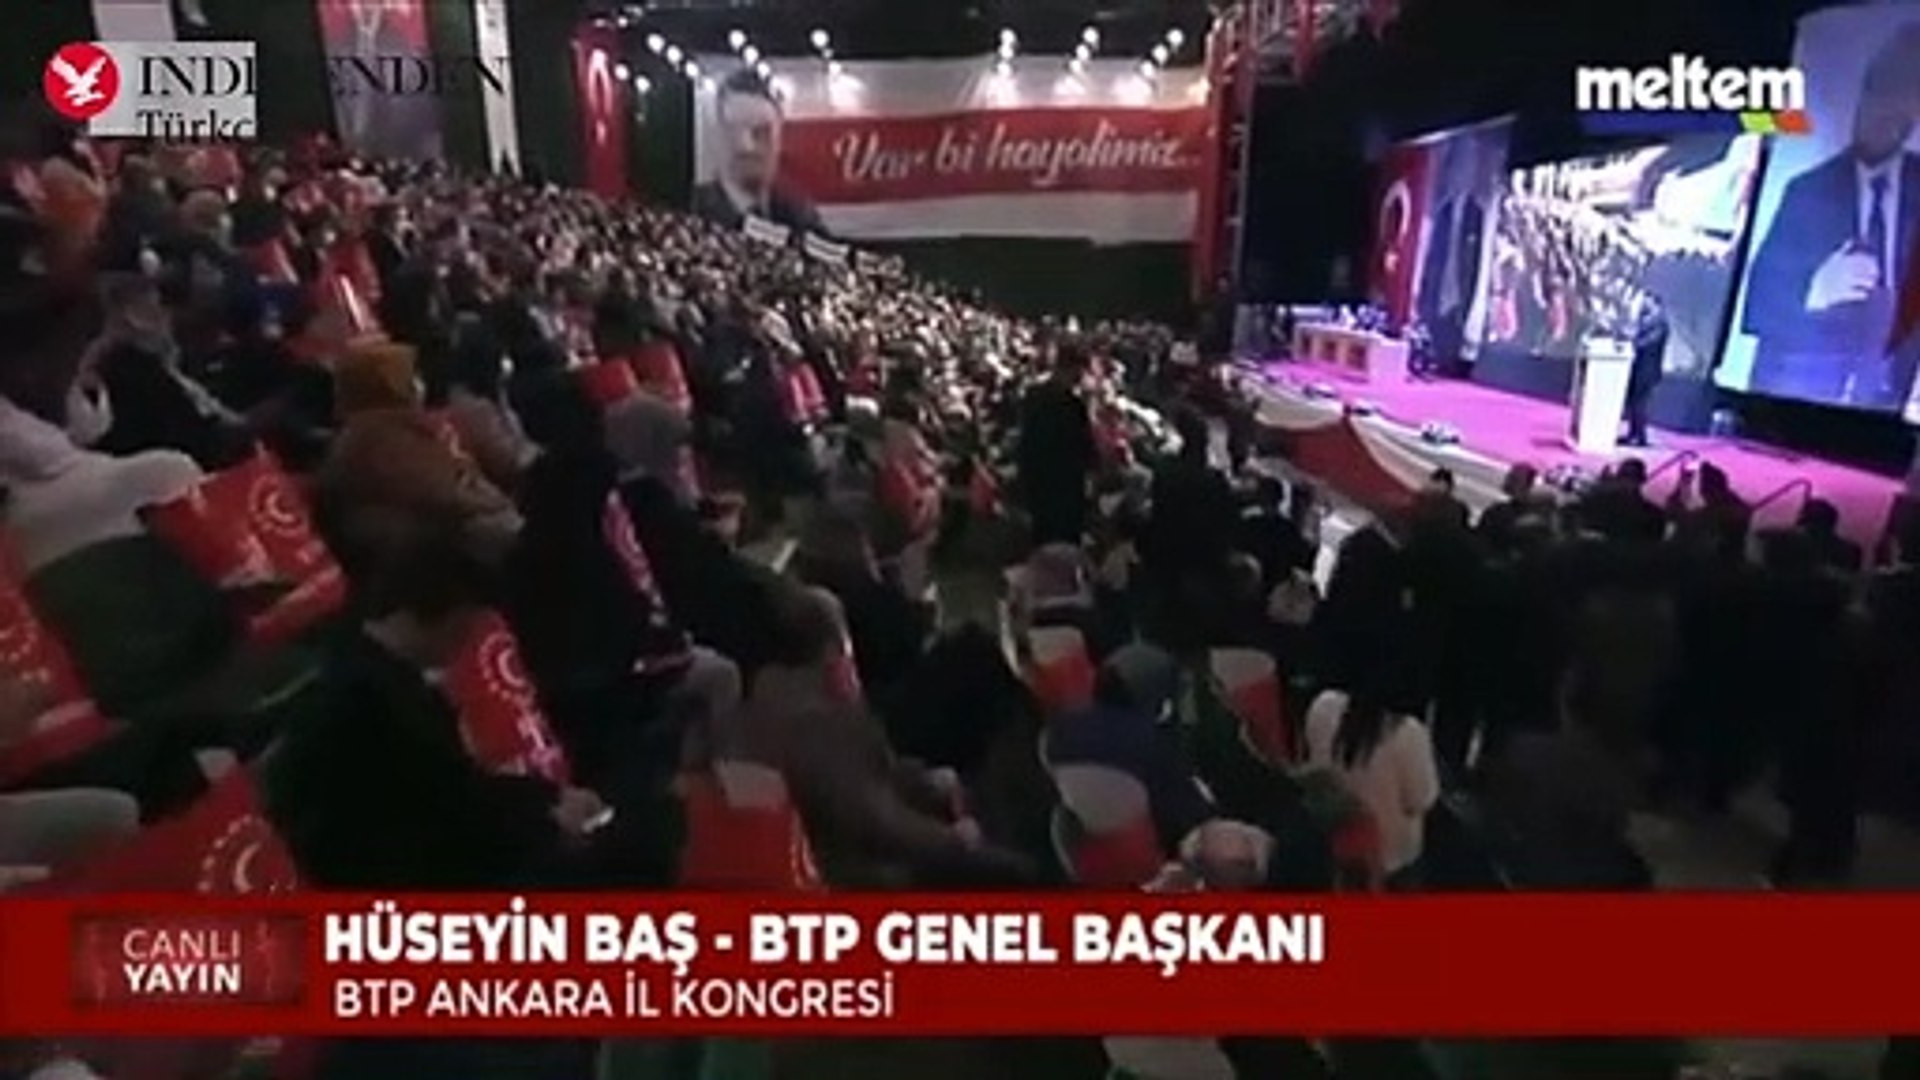 Hüseyin Baş: ''AK Partililer ve Cumhurbaşkanı Erdoğan zekatlarını açıklasın''